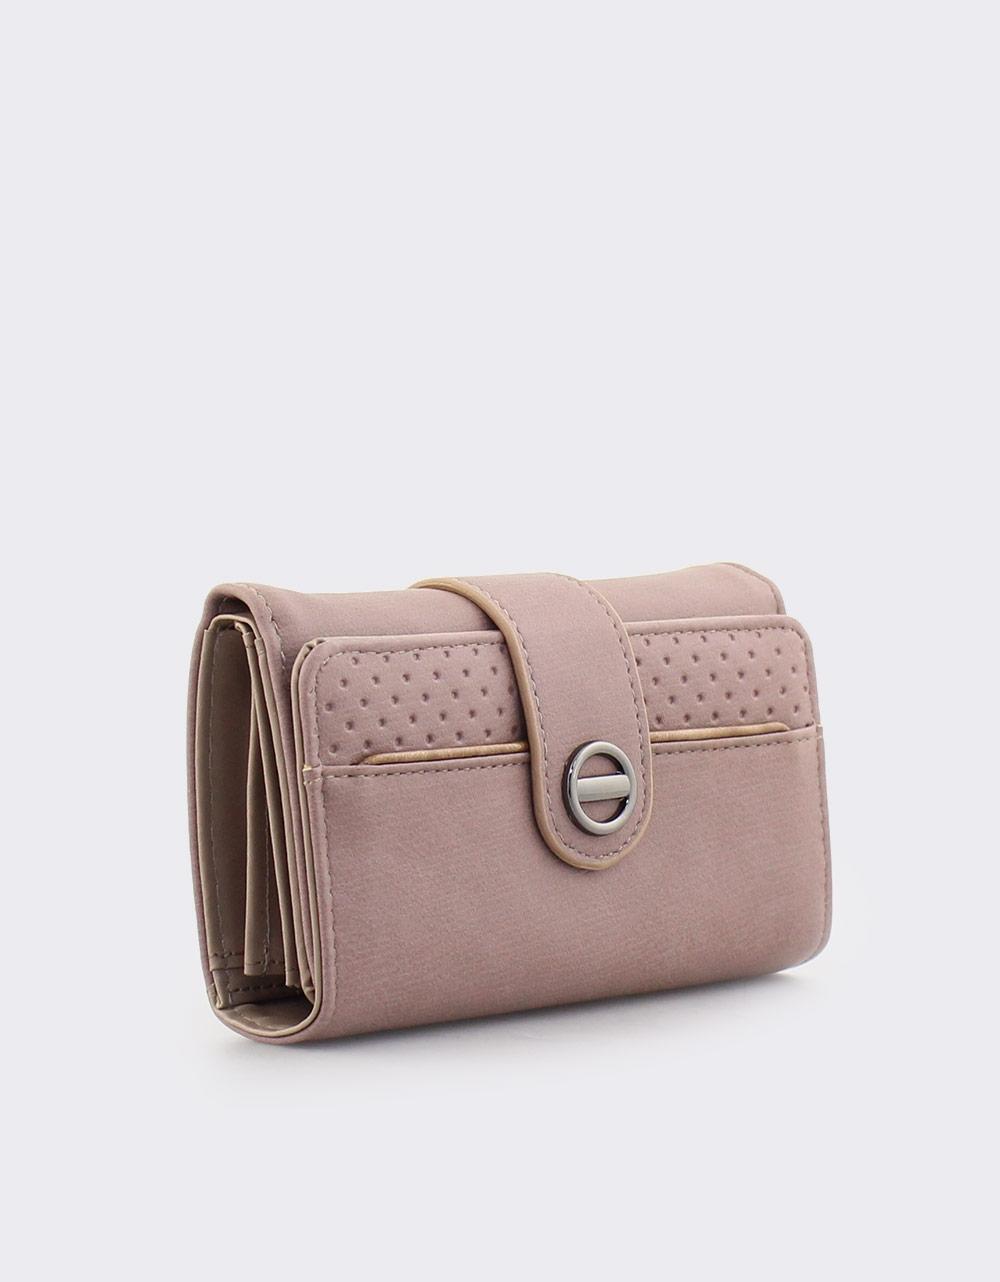 Εικόνα από Γυναικεία πορτοφόλια με κλείσιμο με λουράκι Πούρο